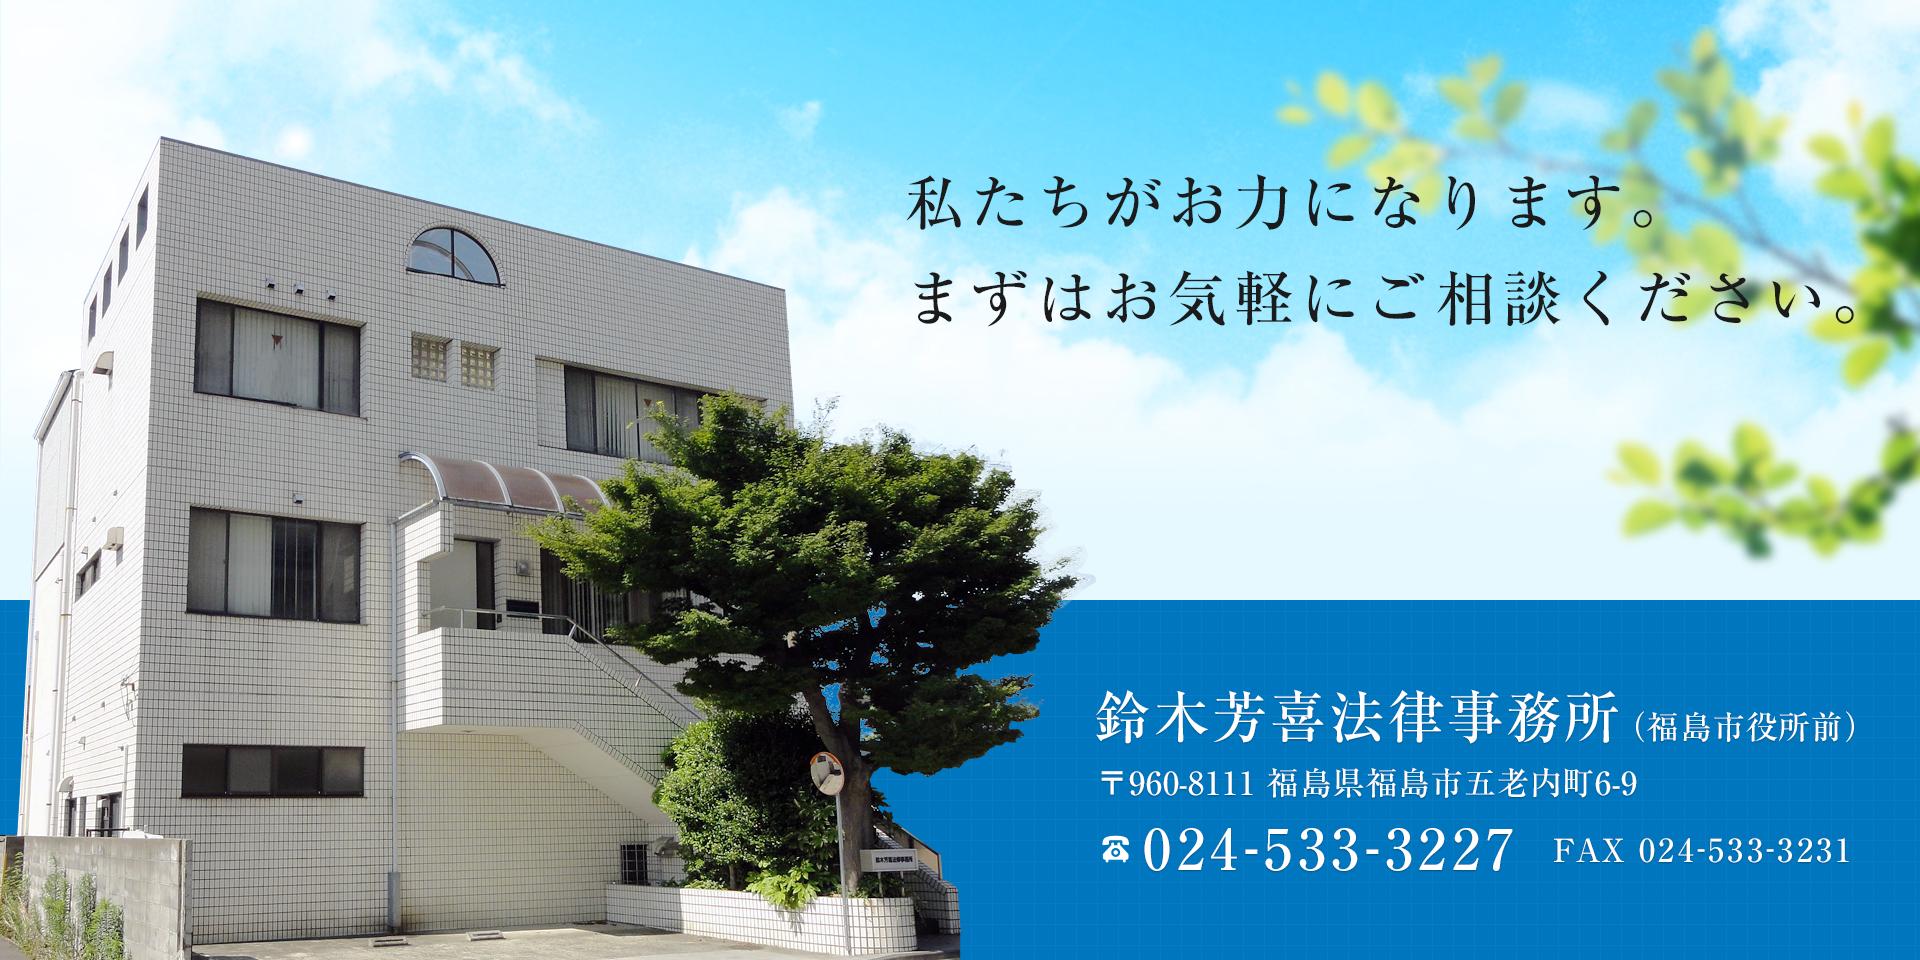 鈴木芳喜法律事務所公式ホームページ(福島県福島市)